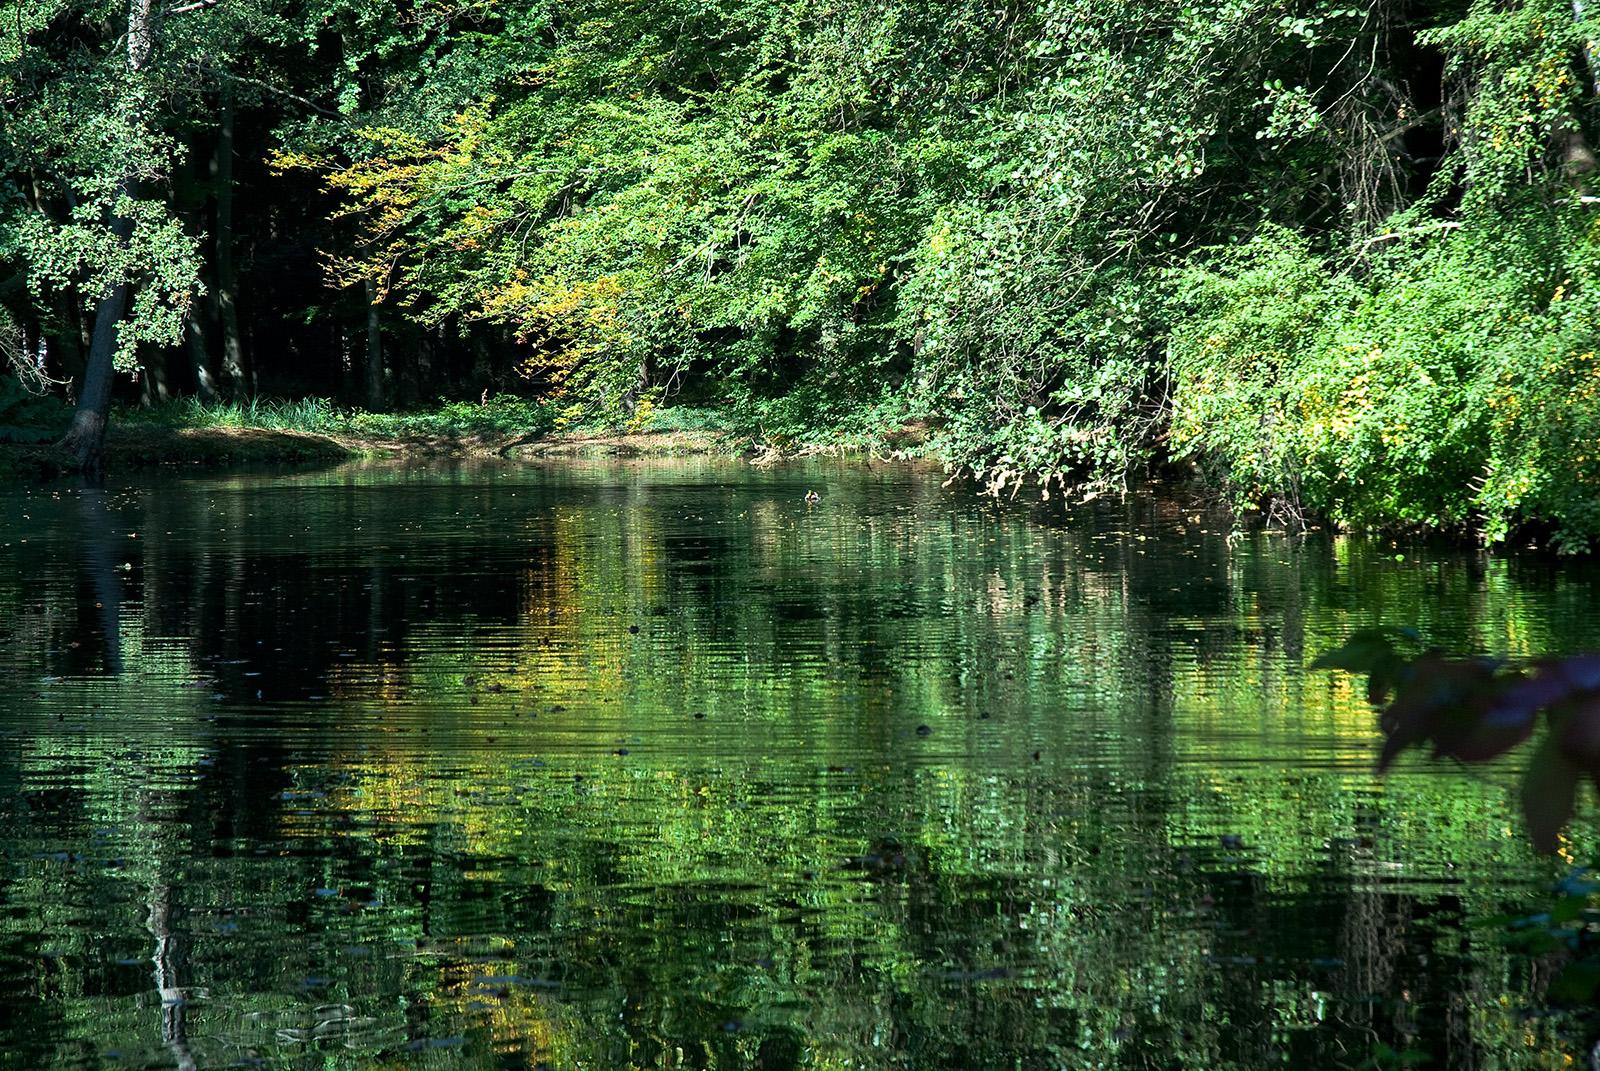 Ludwigslust 5: Ein kleiner Teich im Schloßpark mit Spiegelungen der Umgebung